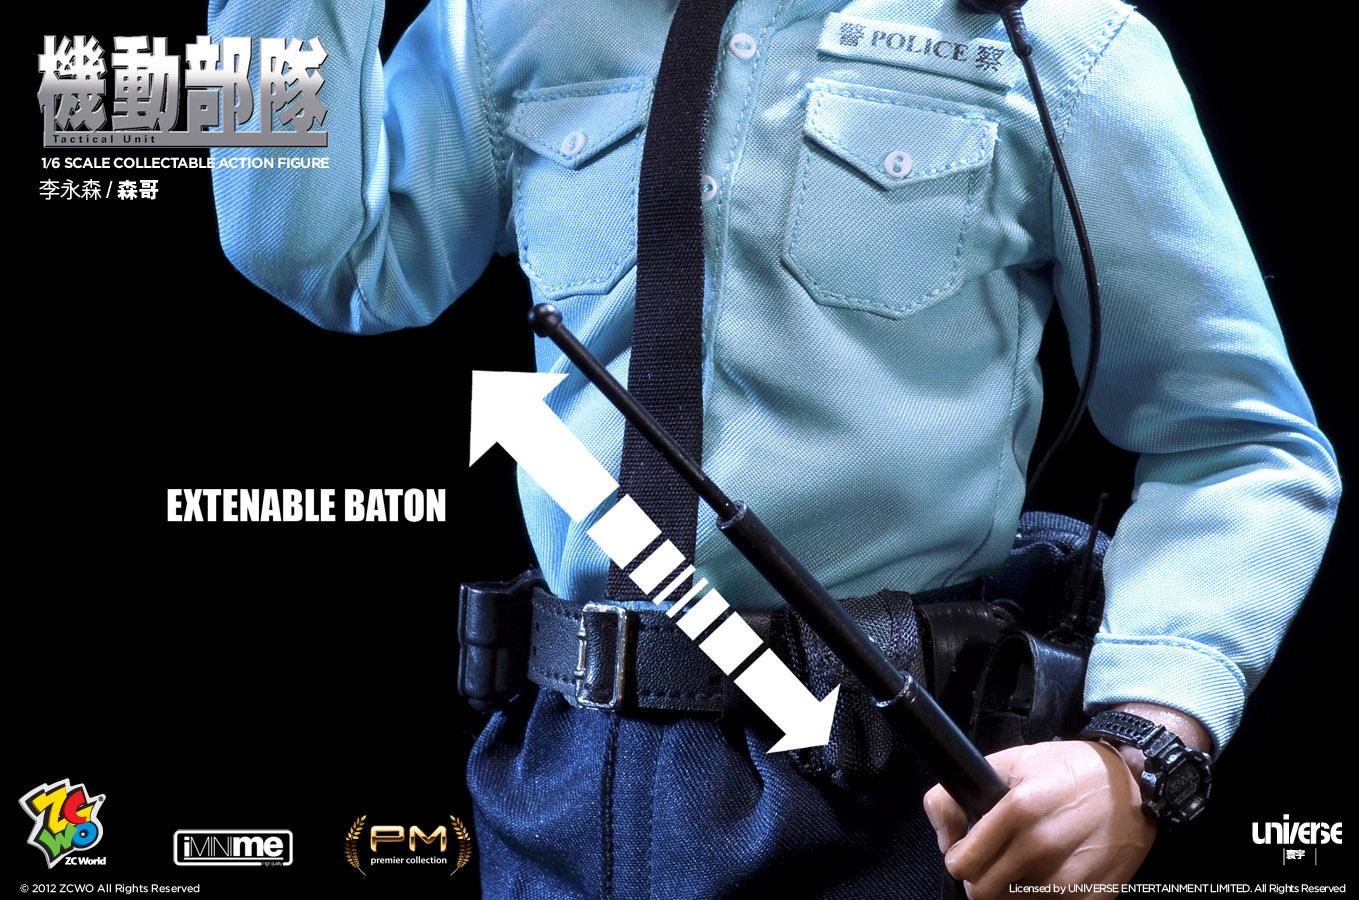 ZCWO - PTU TACTICAL UNIT- Sergeant SAM 131812erleowlll4rj27l2